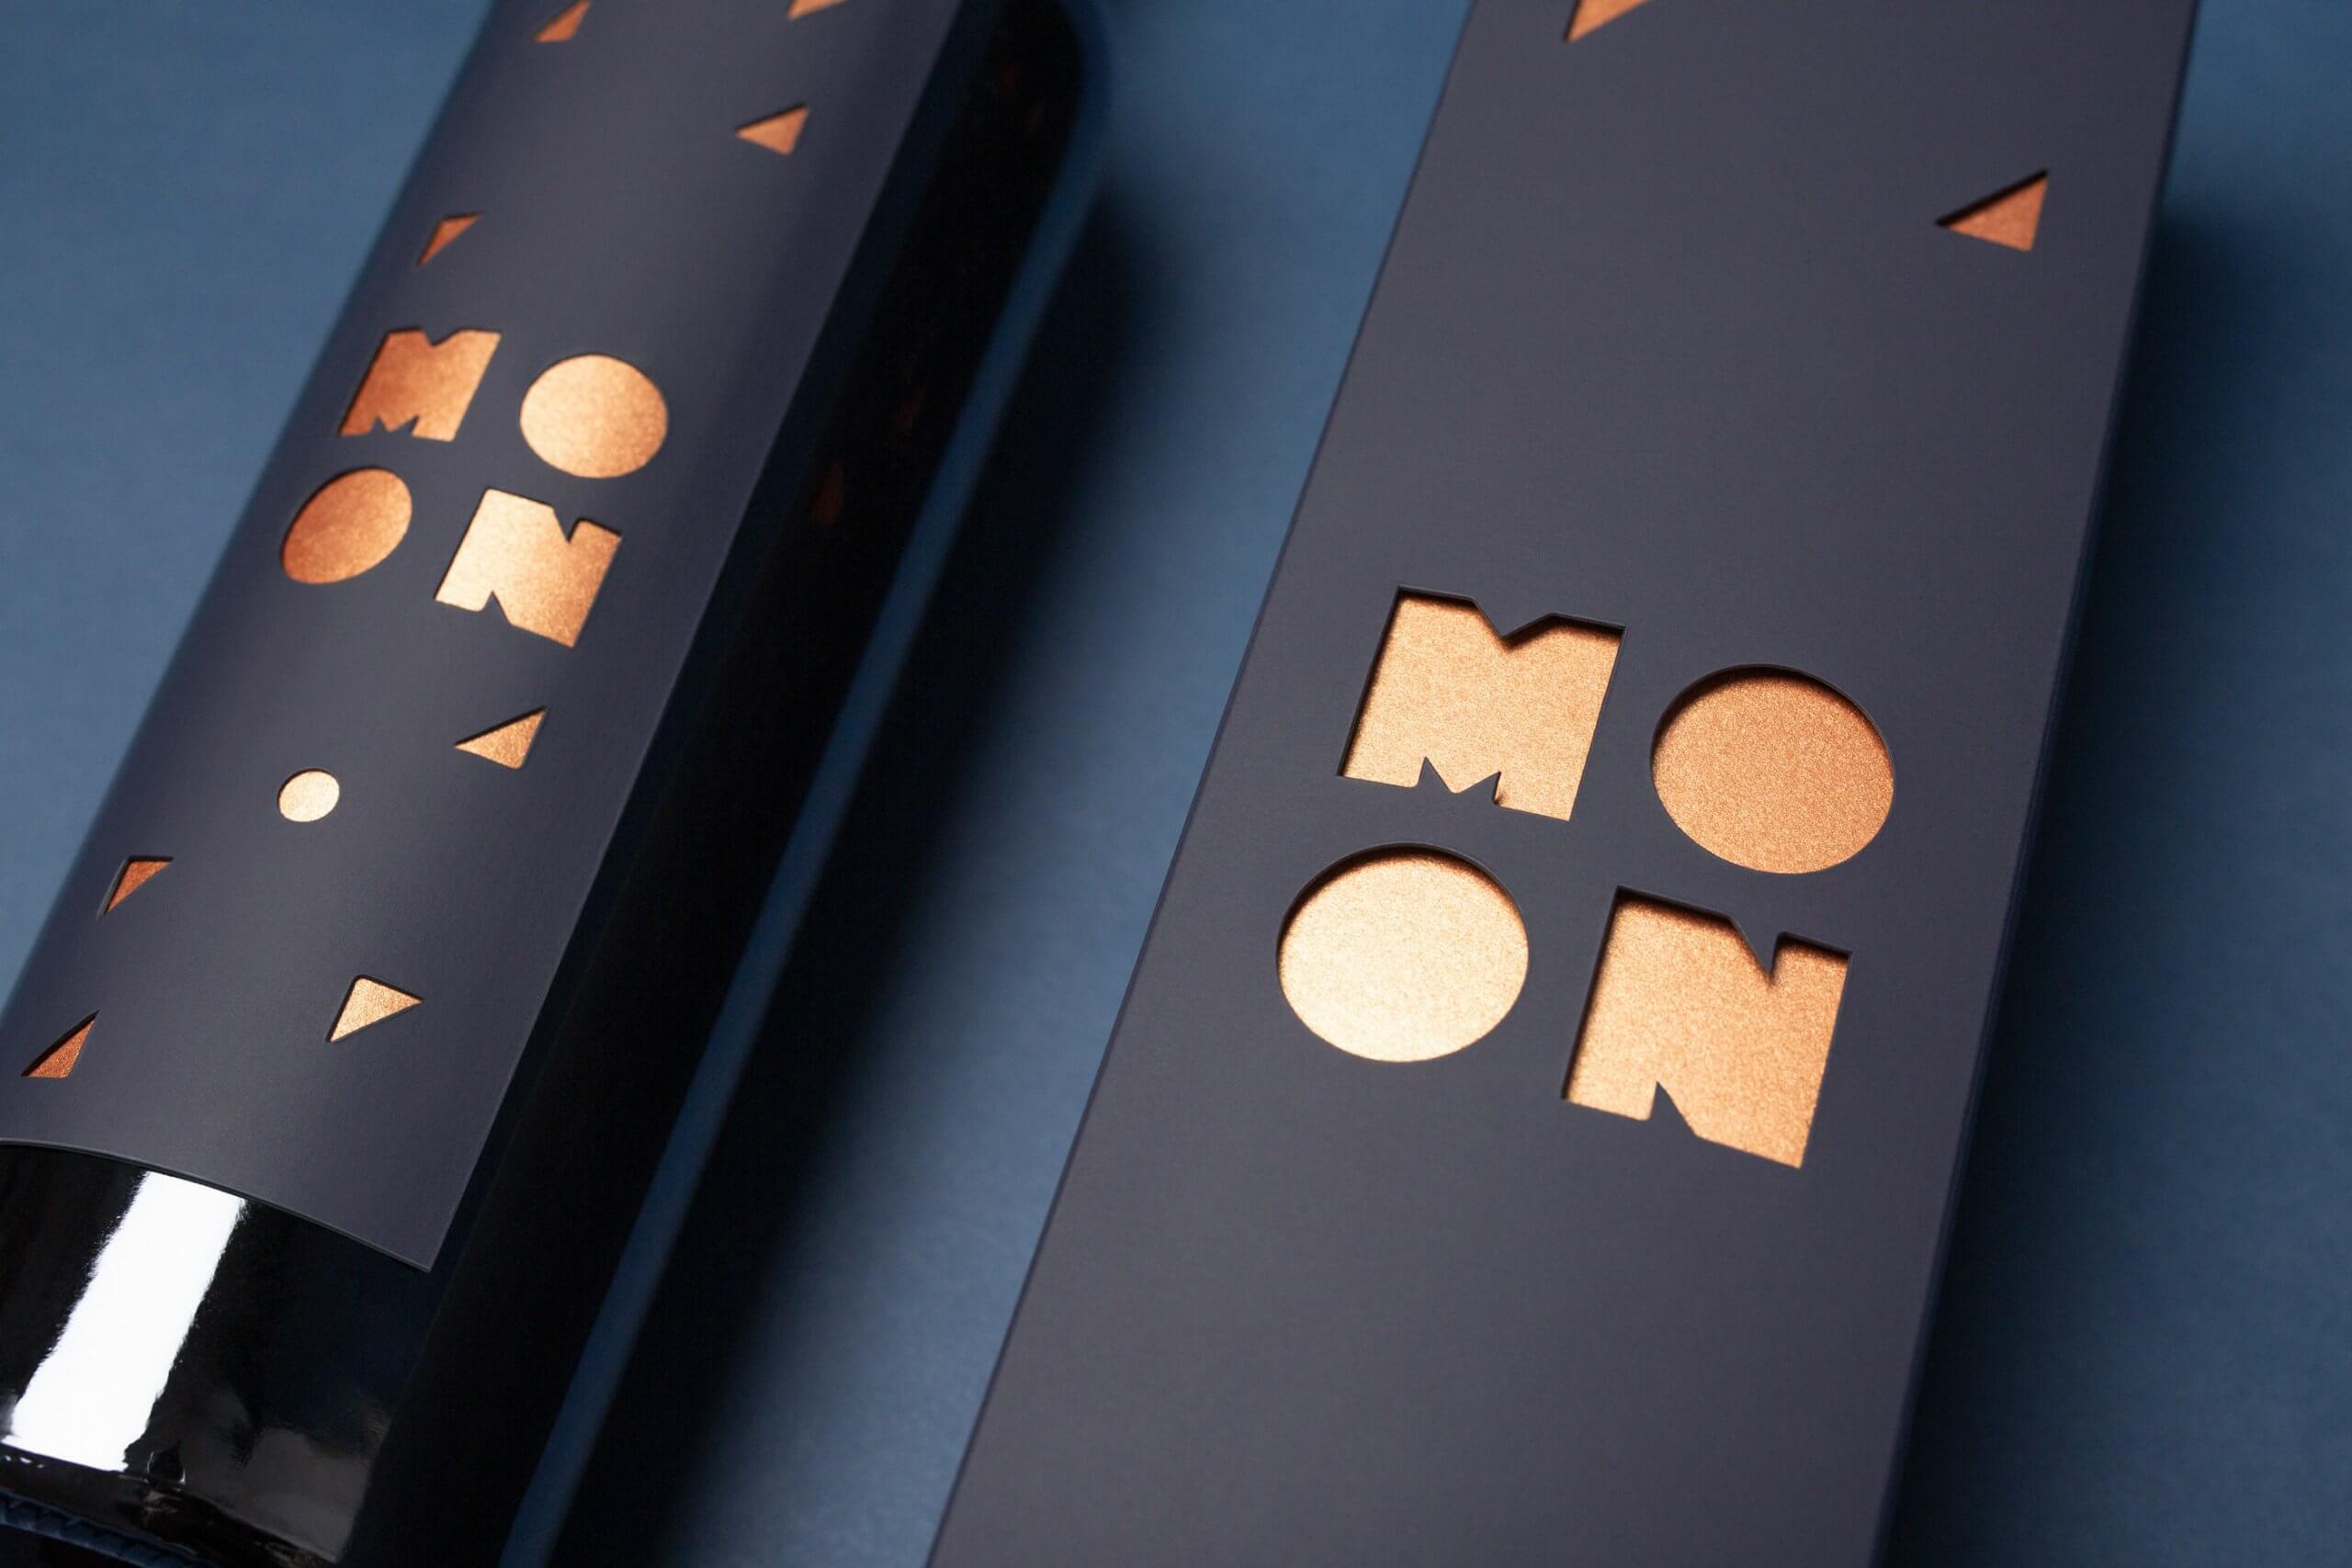 MOON WINE 2018 PACKAGING DESIGN